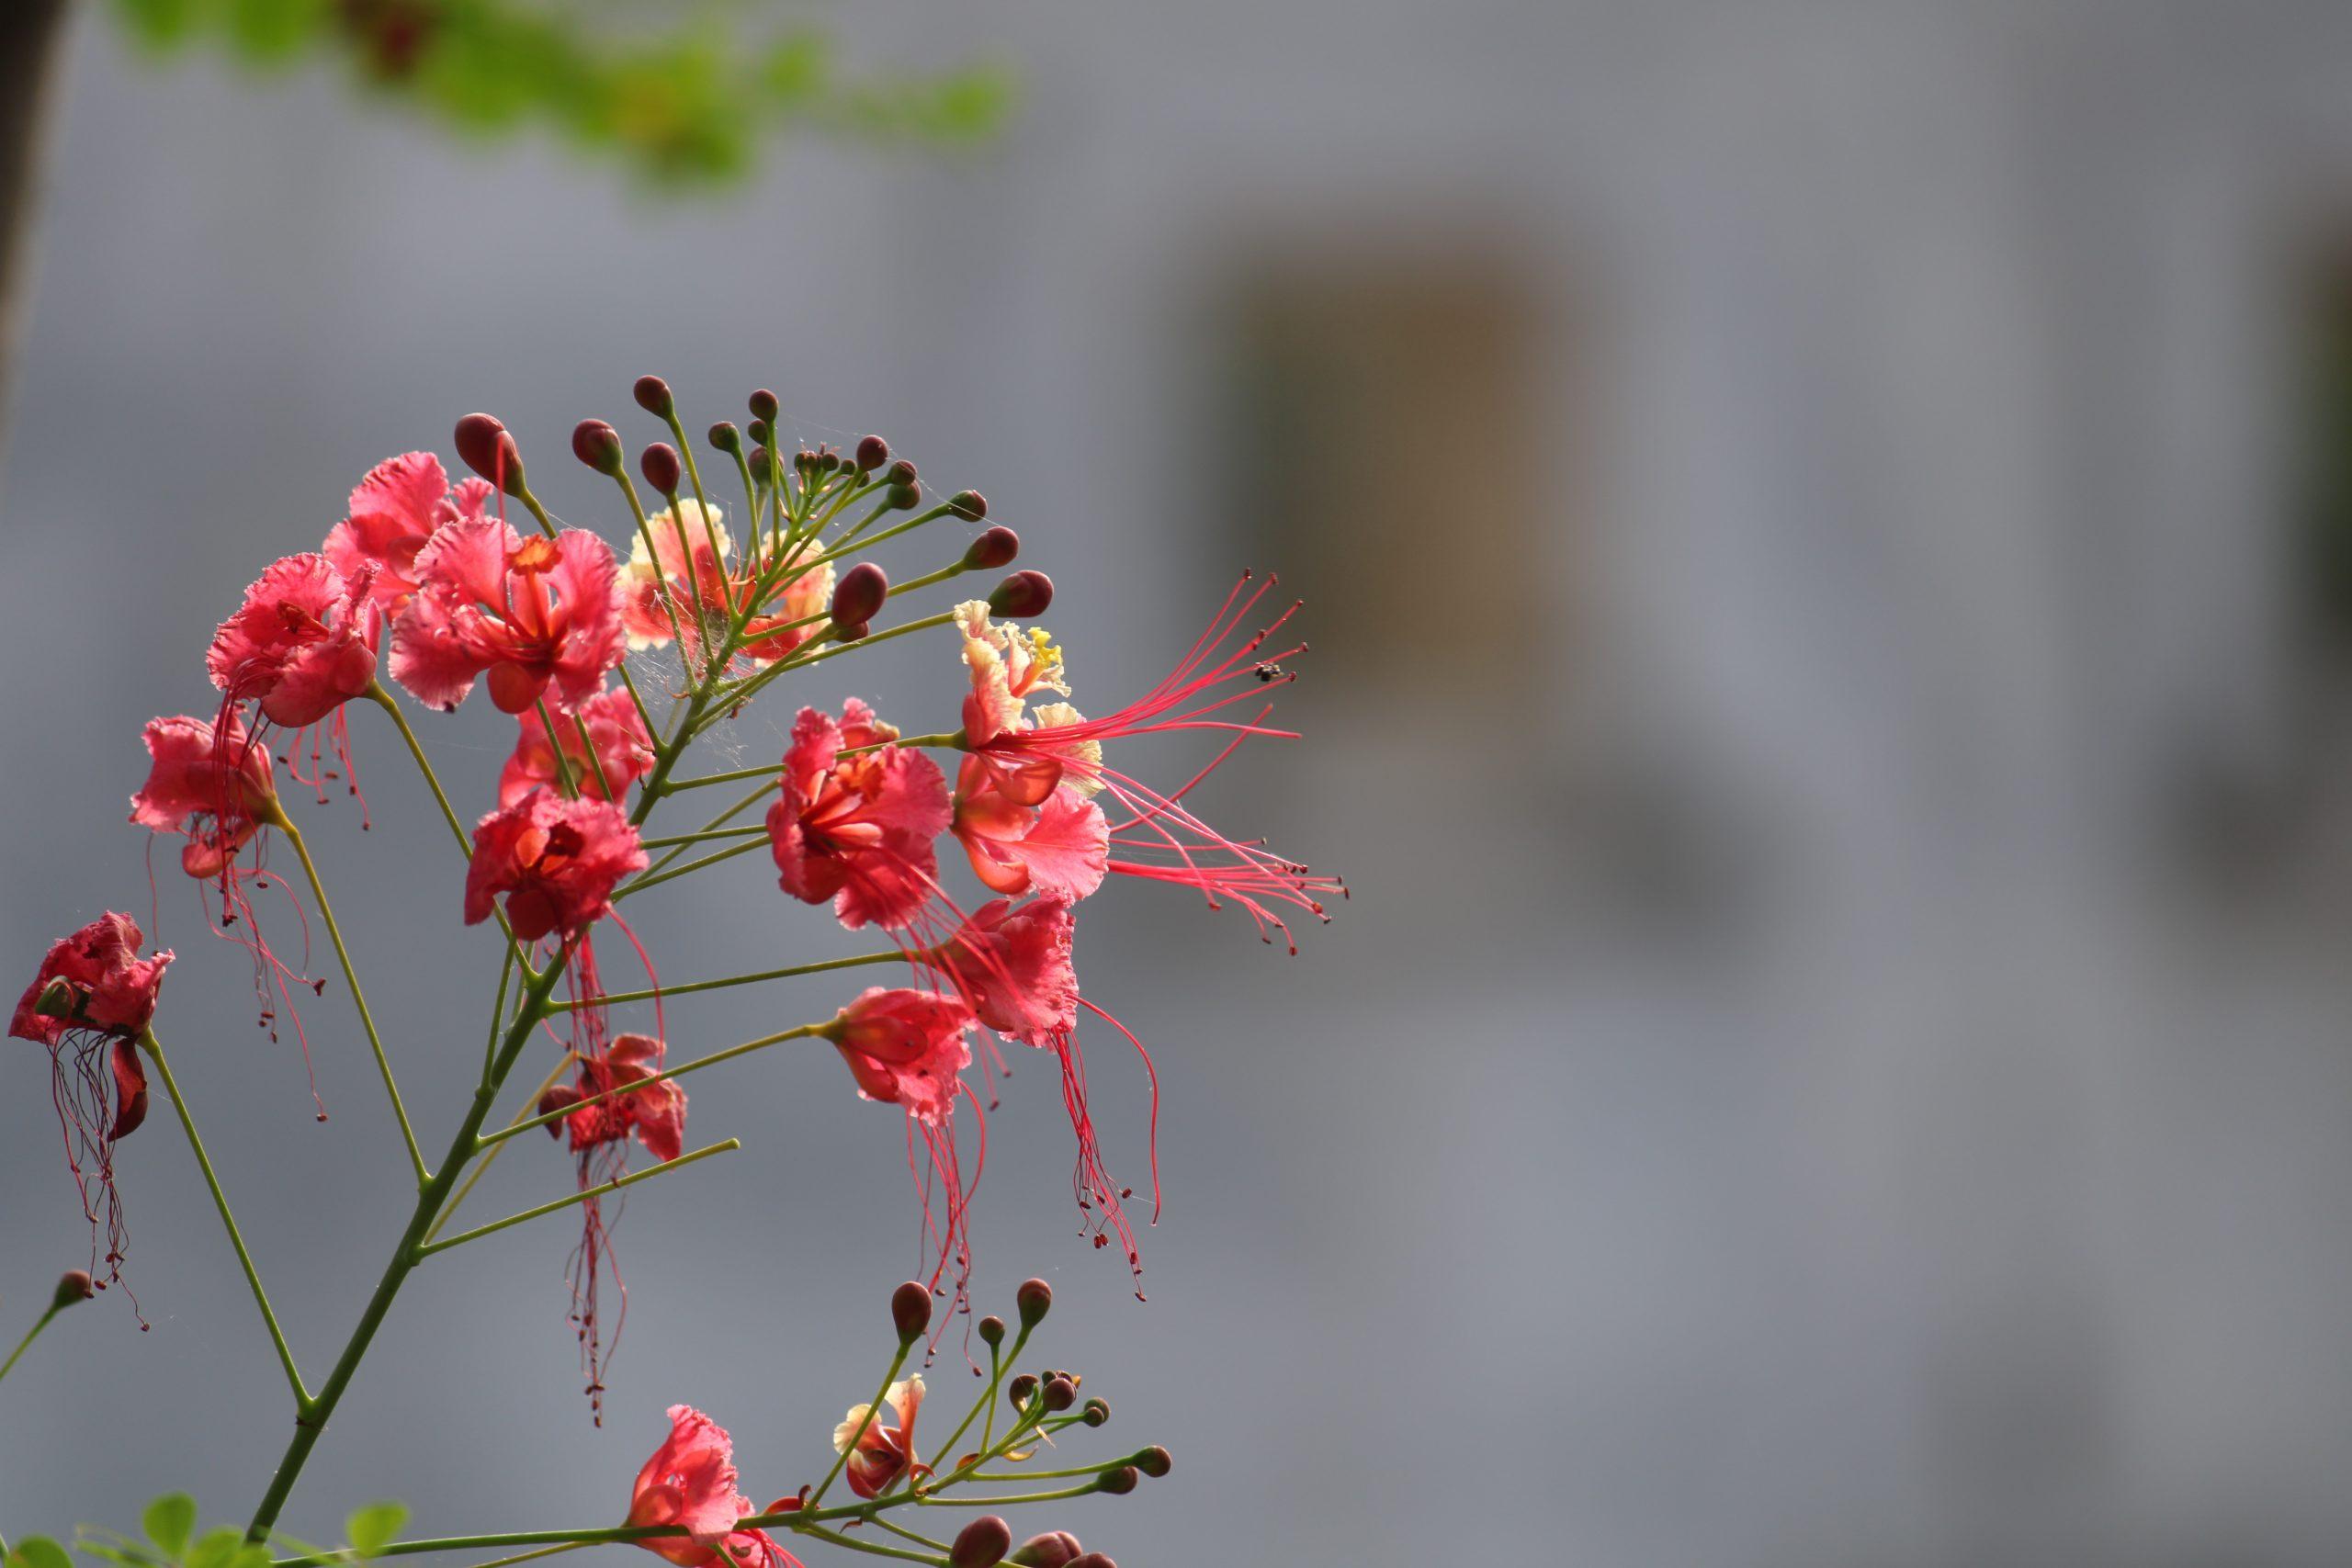 blooming wildflowers